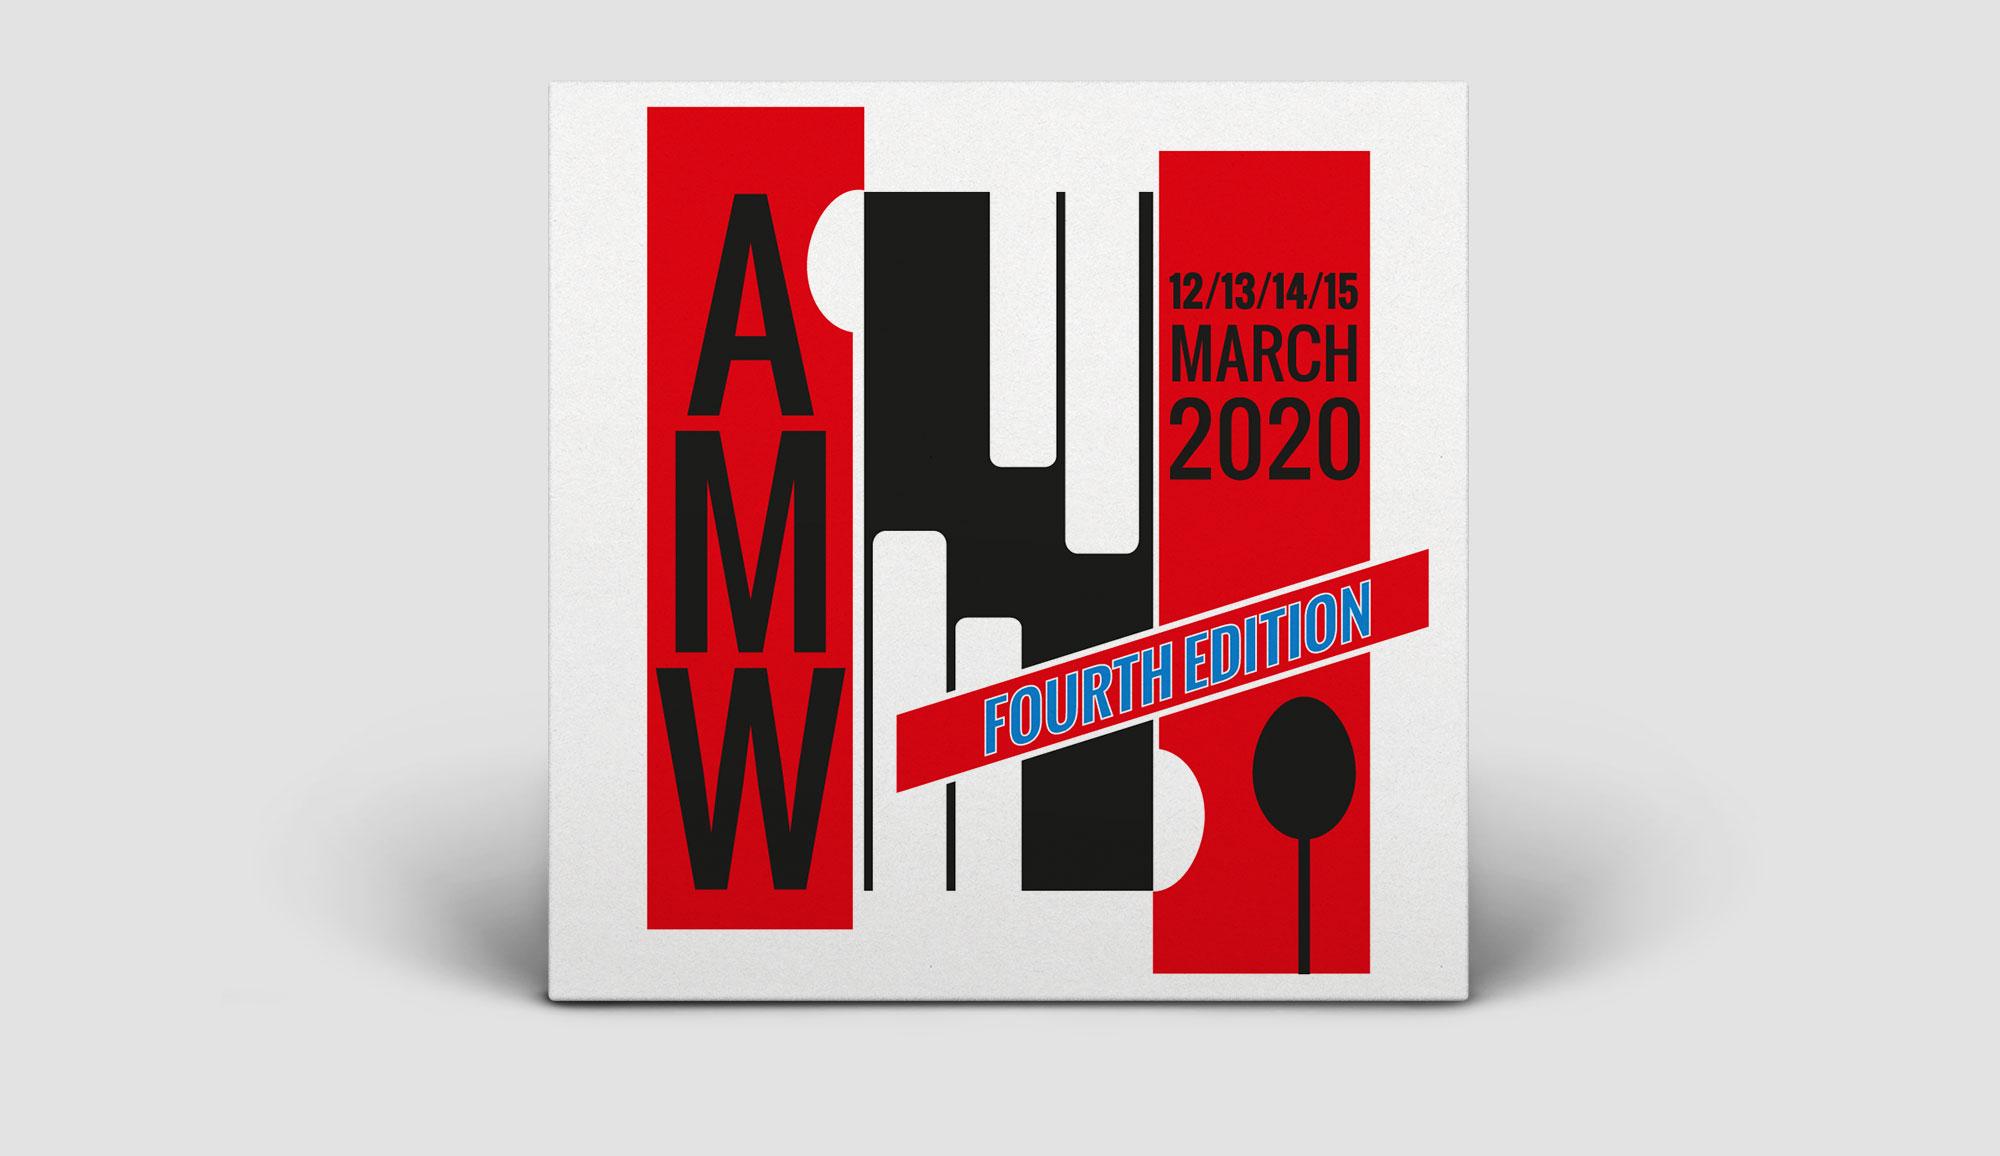 amsterdam marimba weekend 2020